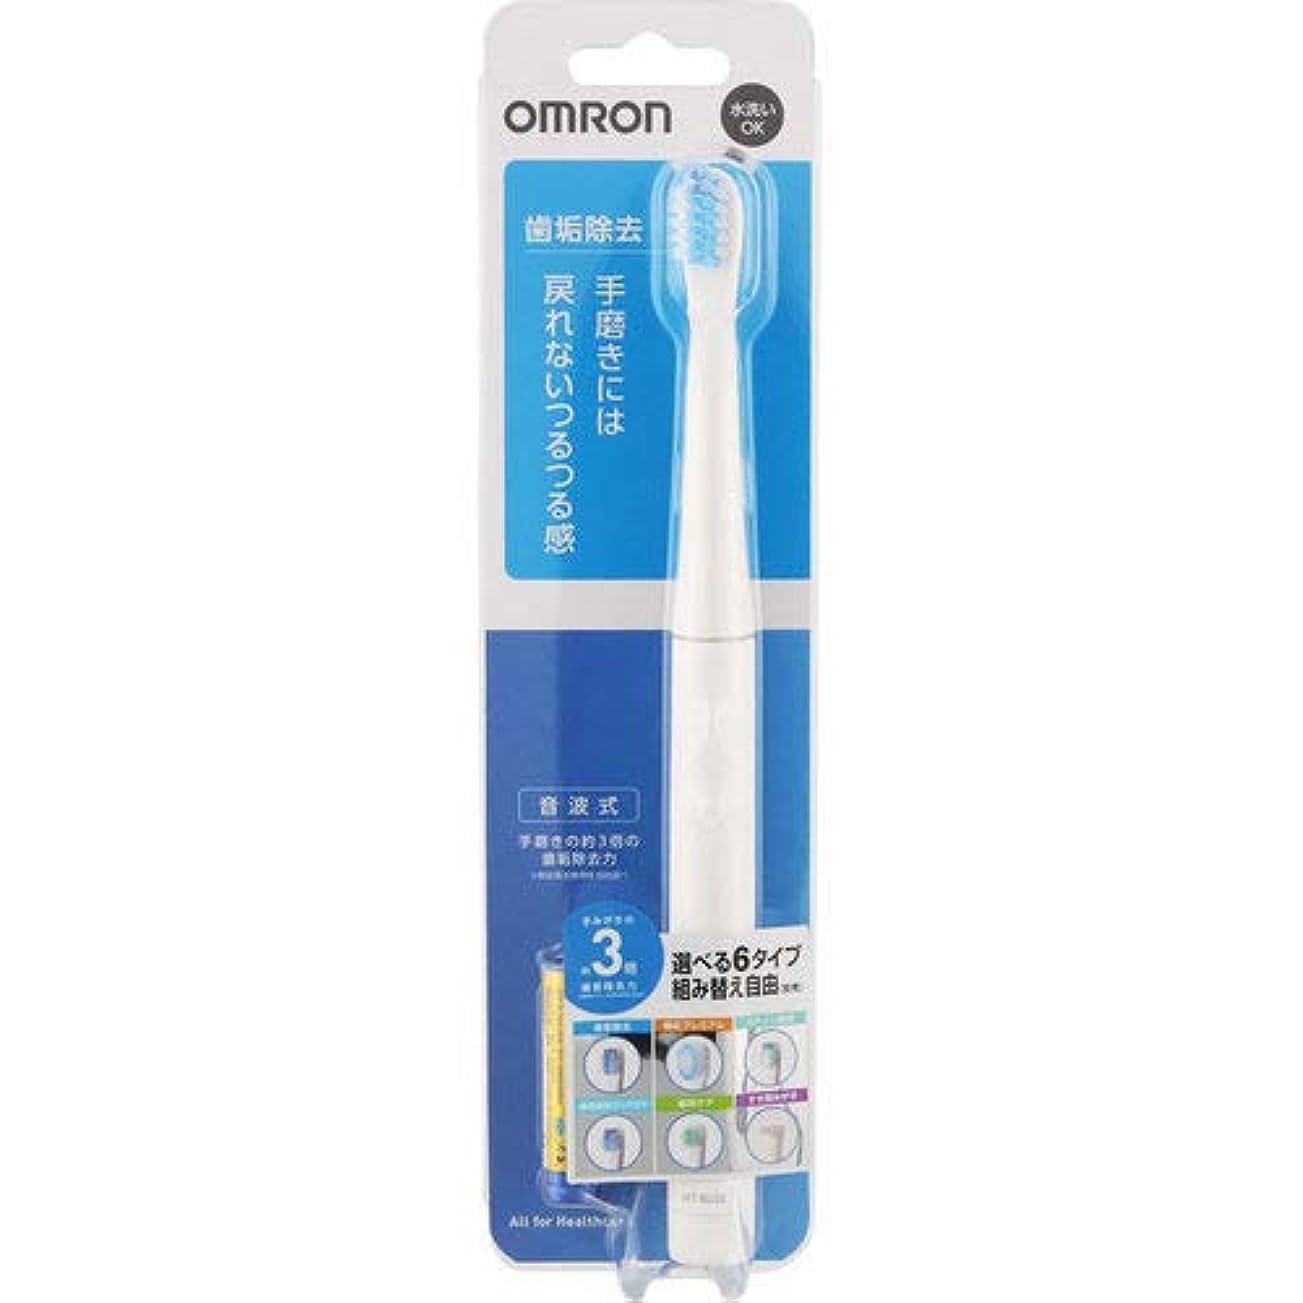 犯罪葬儀リズムオムロン 電動歯ブラシ HT-B220-W ホワイト 電池式